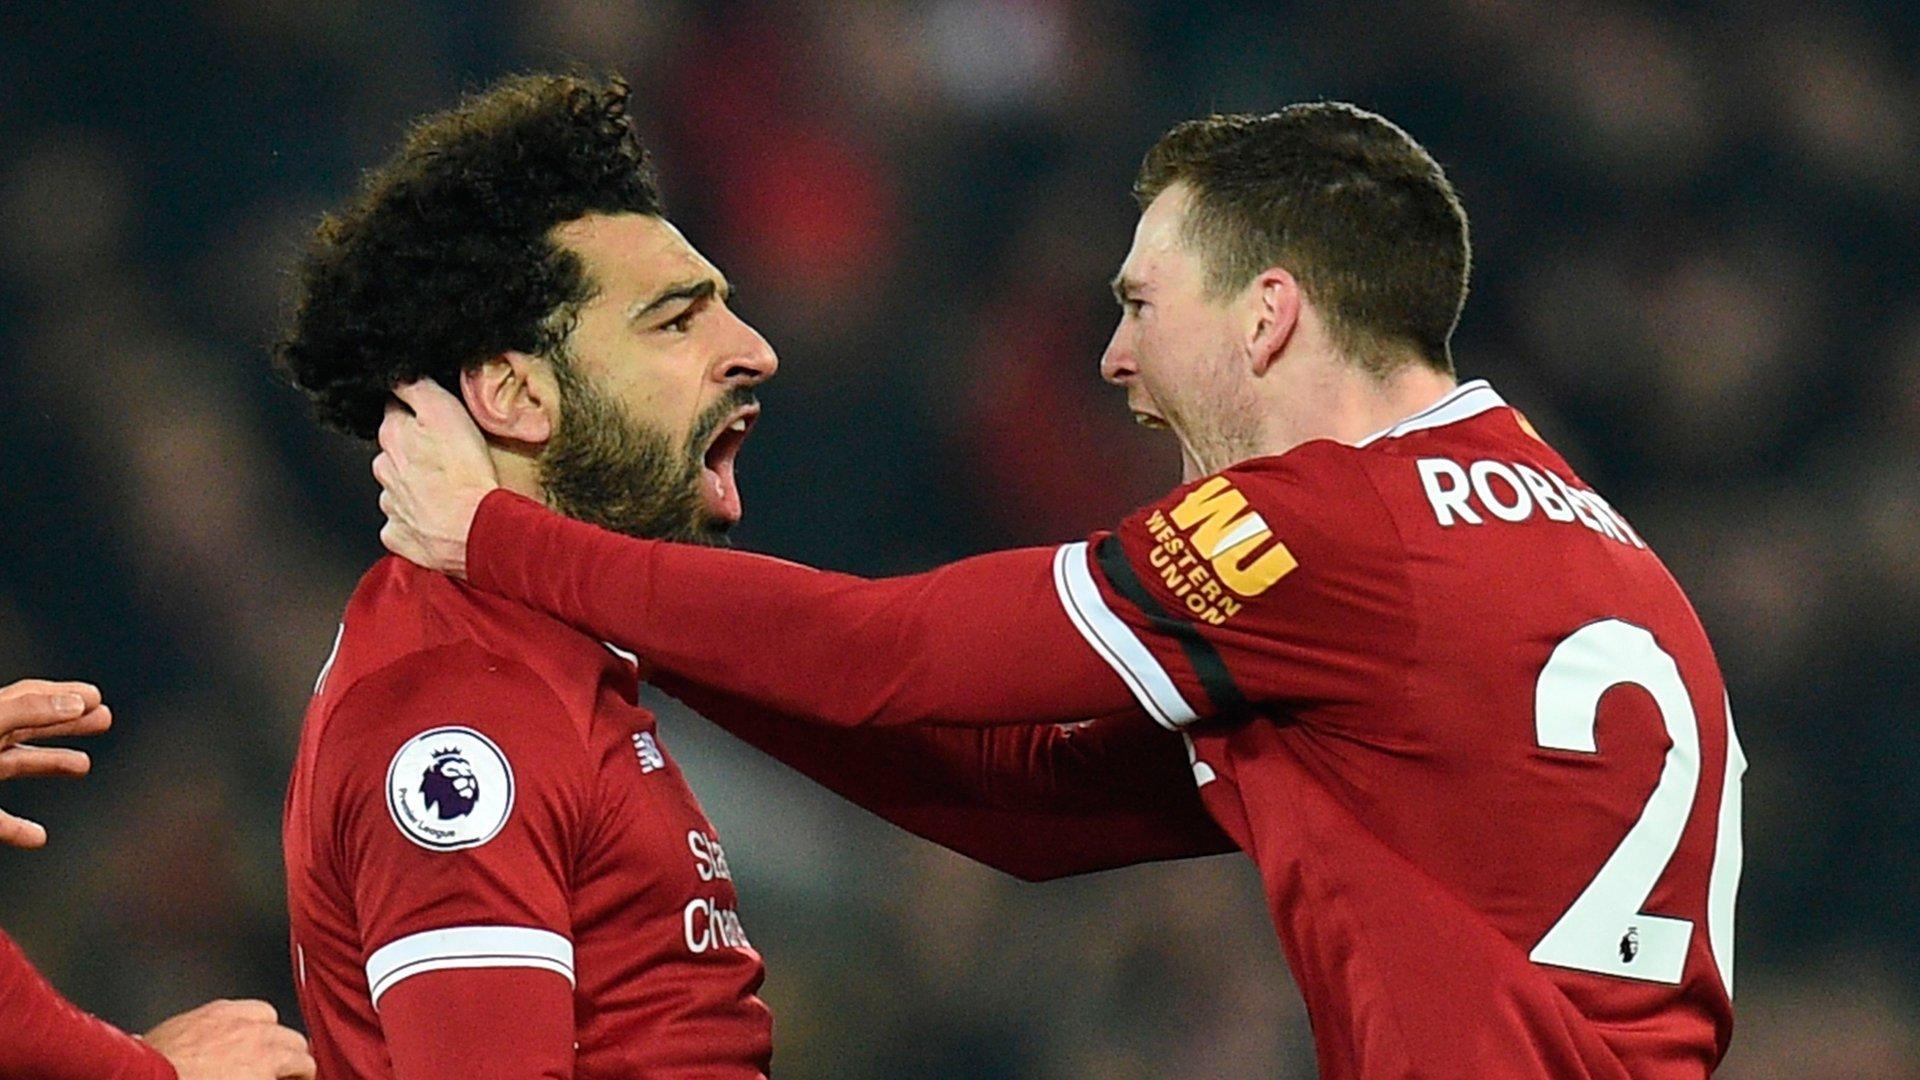 Прогноз на матч Арсенал - Ливерпуль: тотал голов превысит 2,5